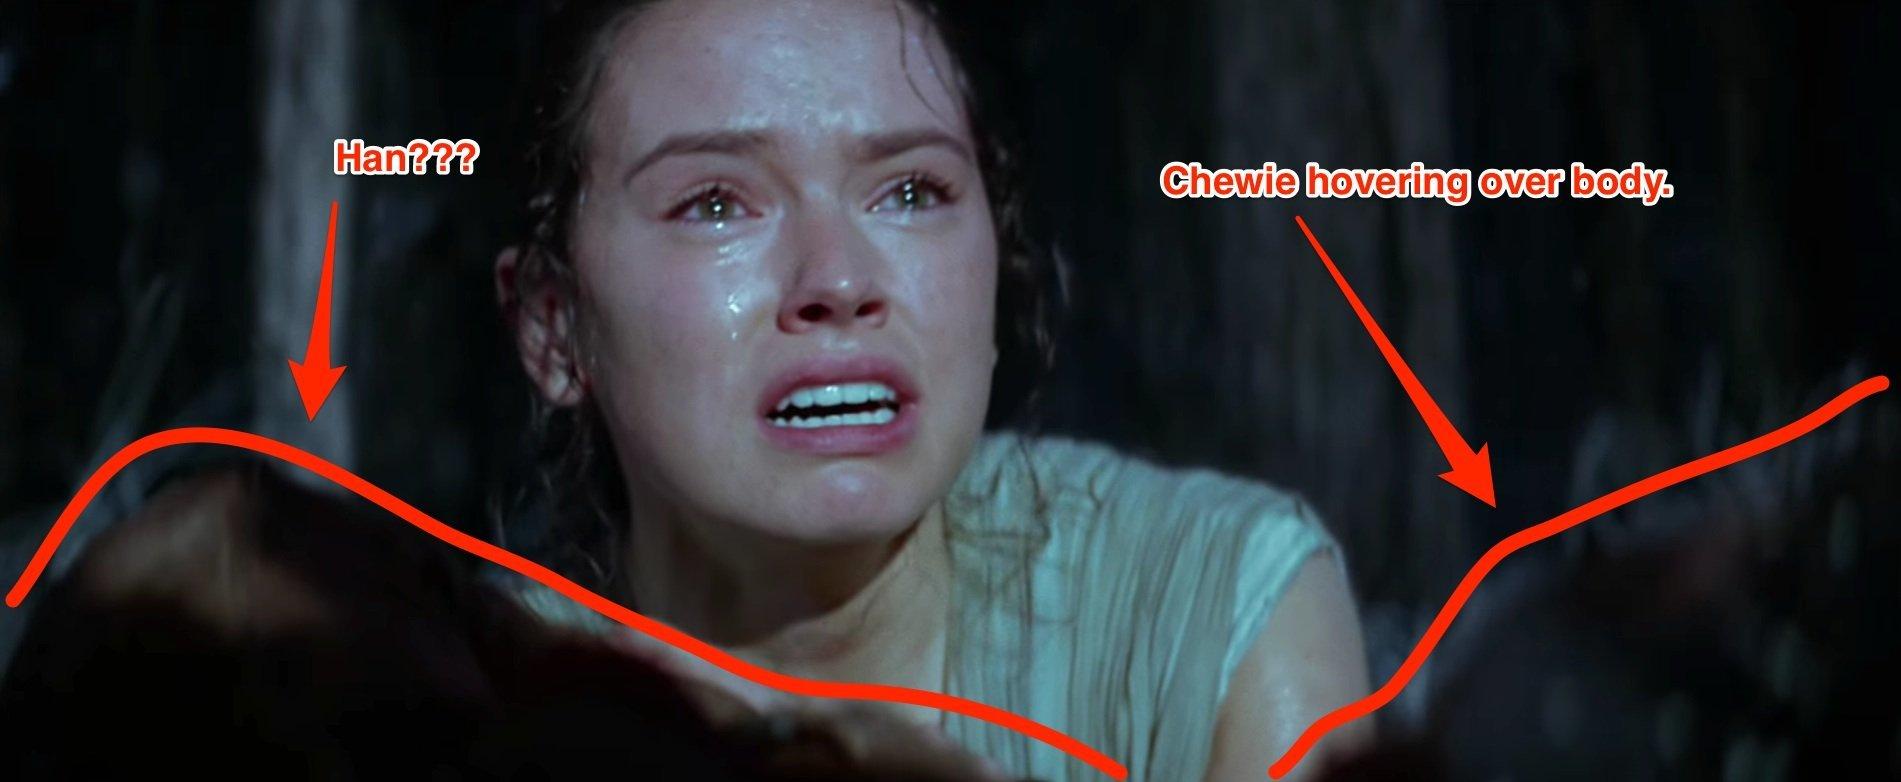 Разбор трейлера «Star Wars: Episode VII». Почему плачет Рей? (осторожно, потенциальный спойлер) - 18